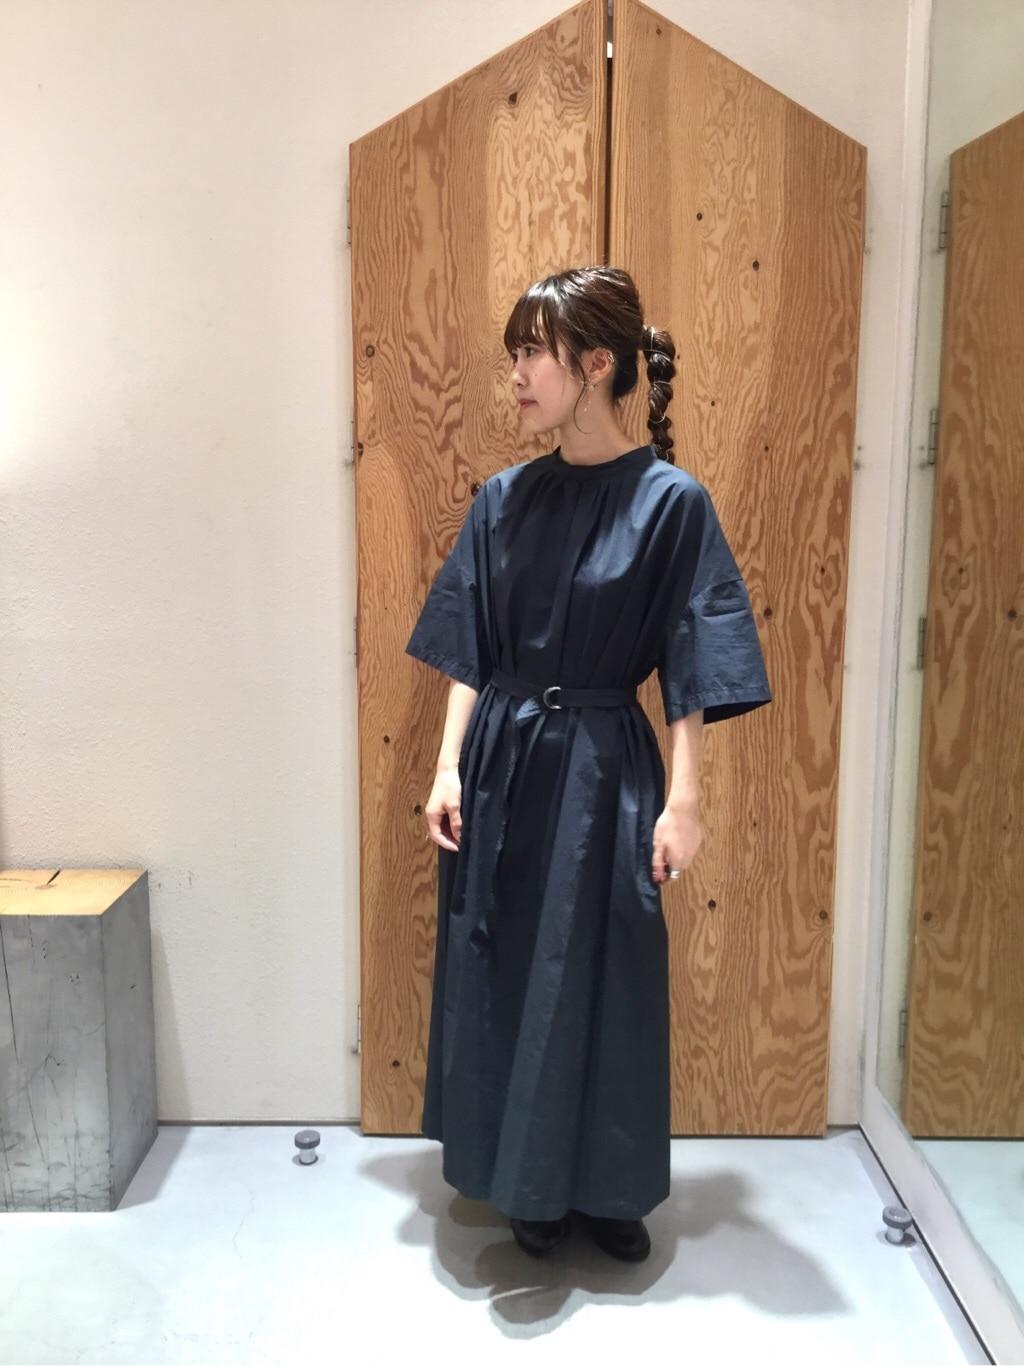 l'atelier du savon グランフロント大阪 身長:152cm 2019.07.22